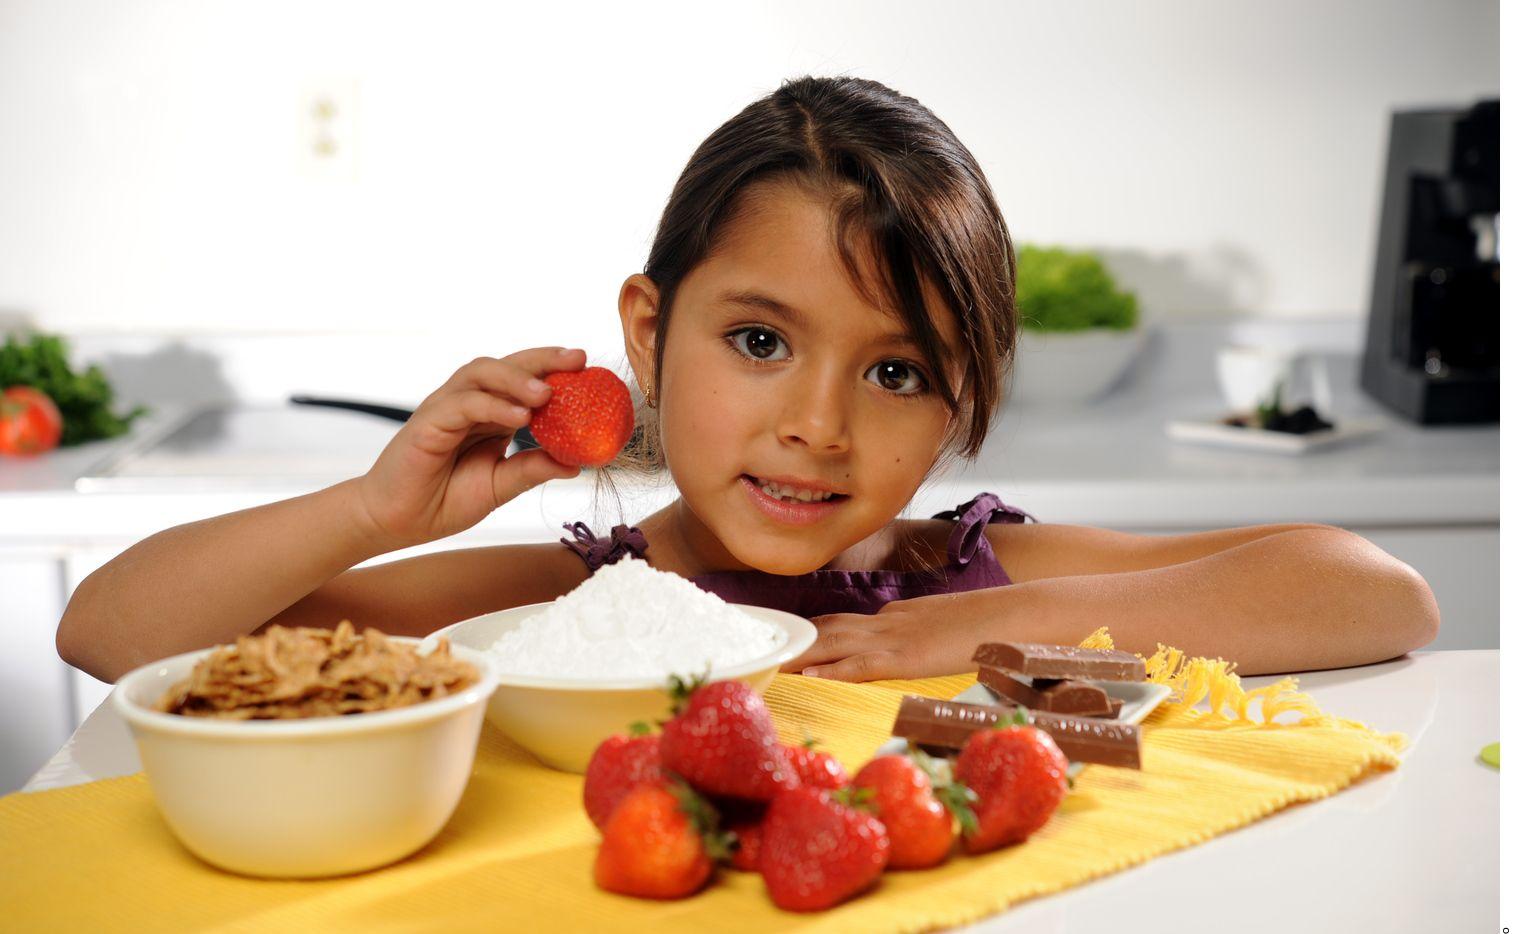 Además de la capacidad de atención y aprendizaje, el desayuno también es determinante para abatir el sobrepeso y obesidad infantil. AGENCIA REFORMA